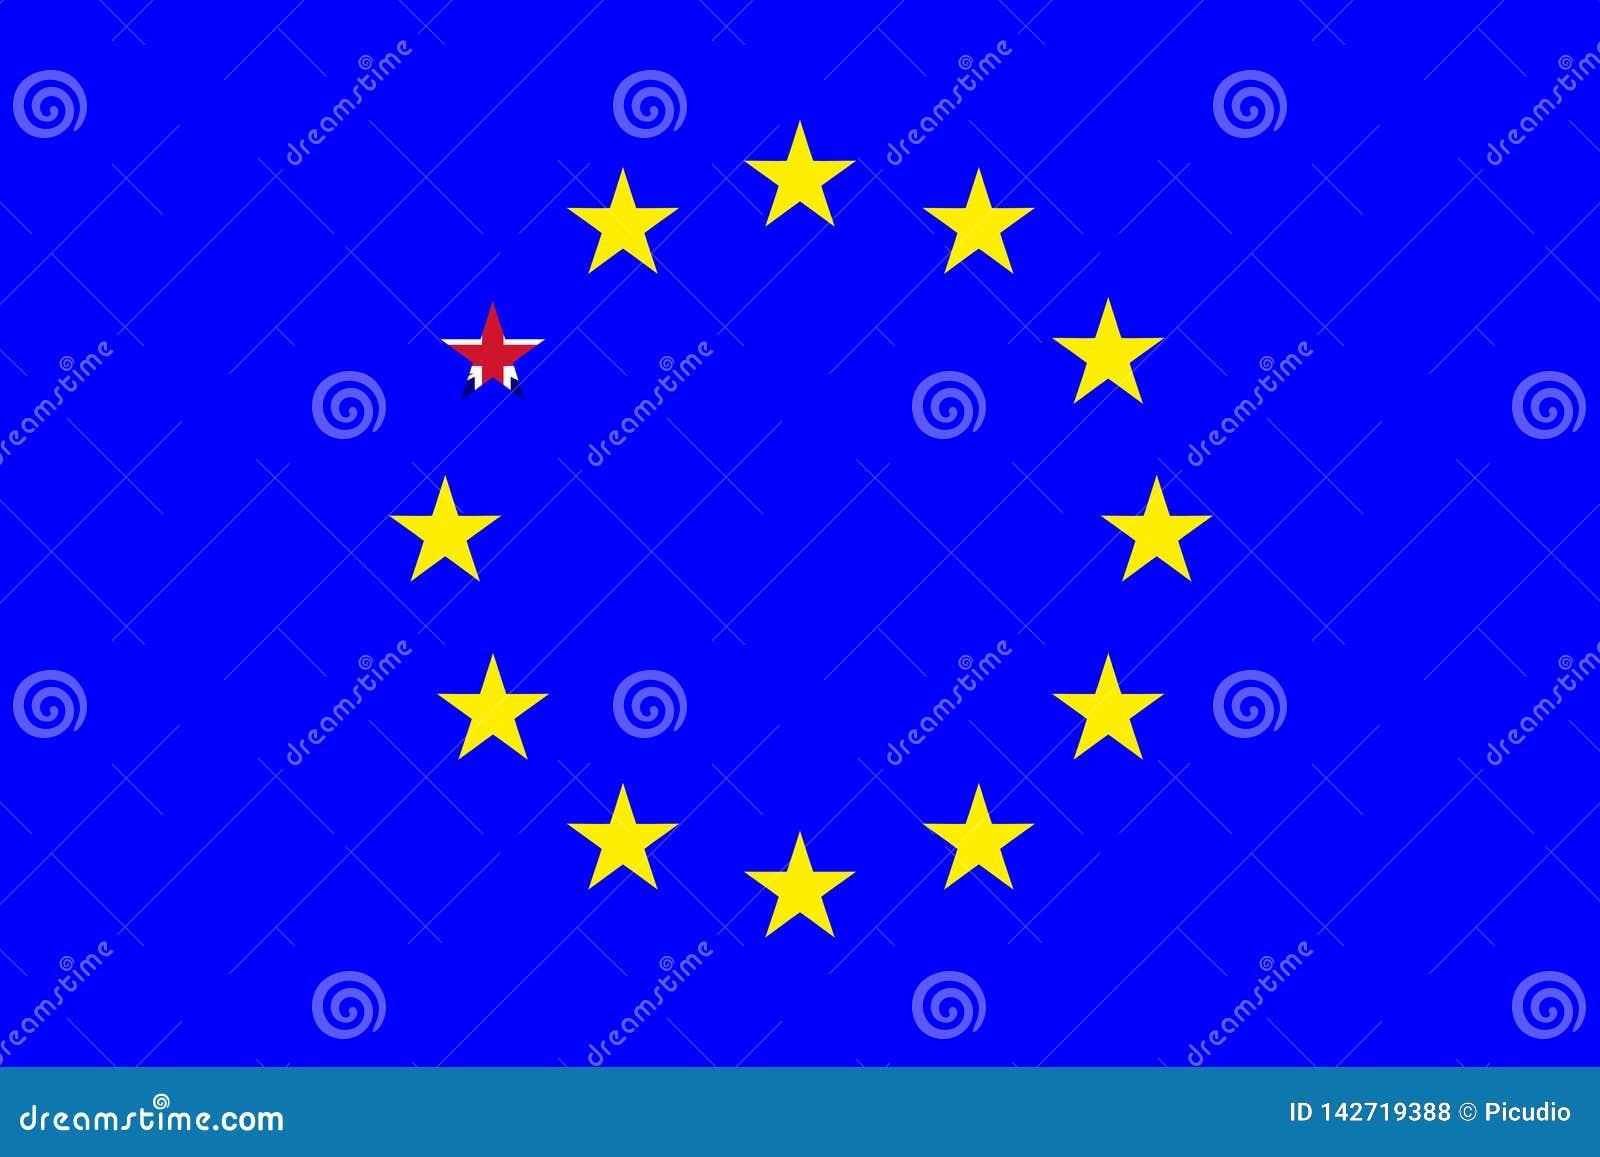 Drapeau Détoile Brexit Due R U De Leurope Illustration